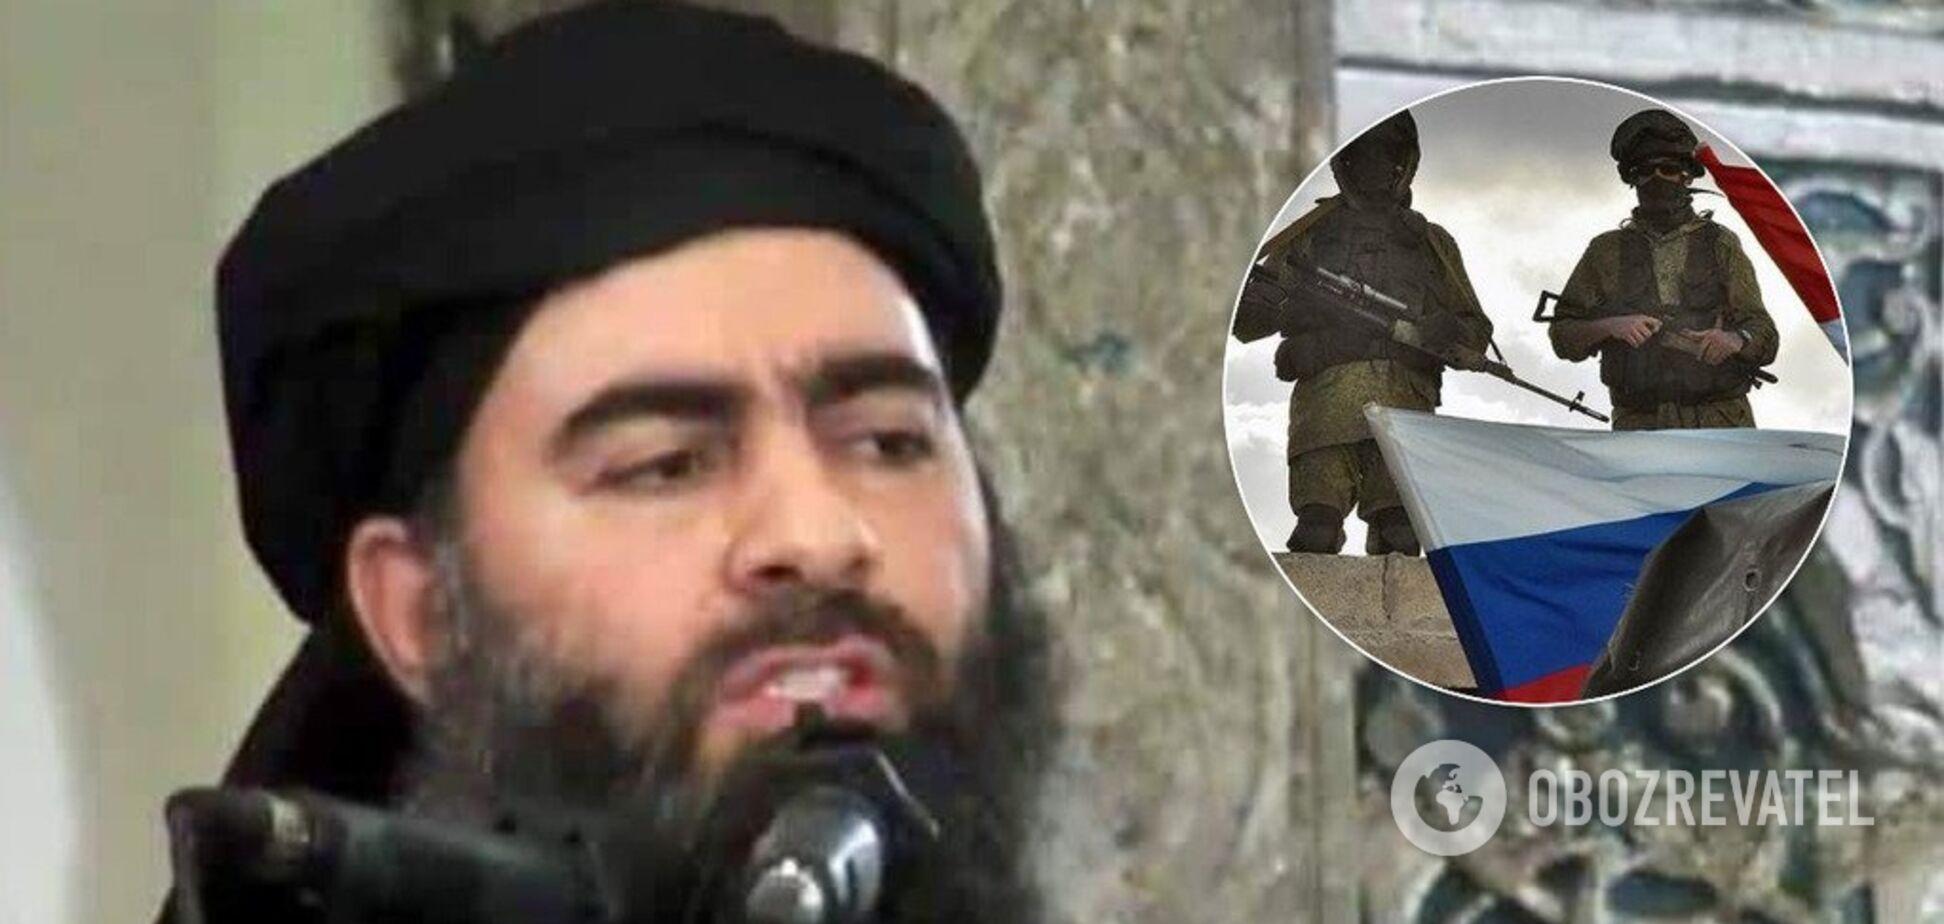 Убивство лідера ІДІЛ Абу Бакра Аль-Багдаді: знайдено 'російський слід'